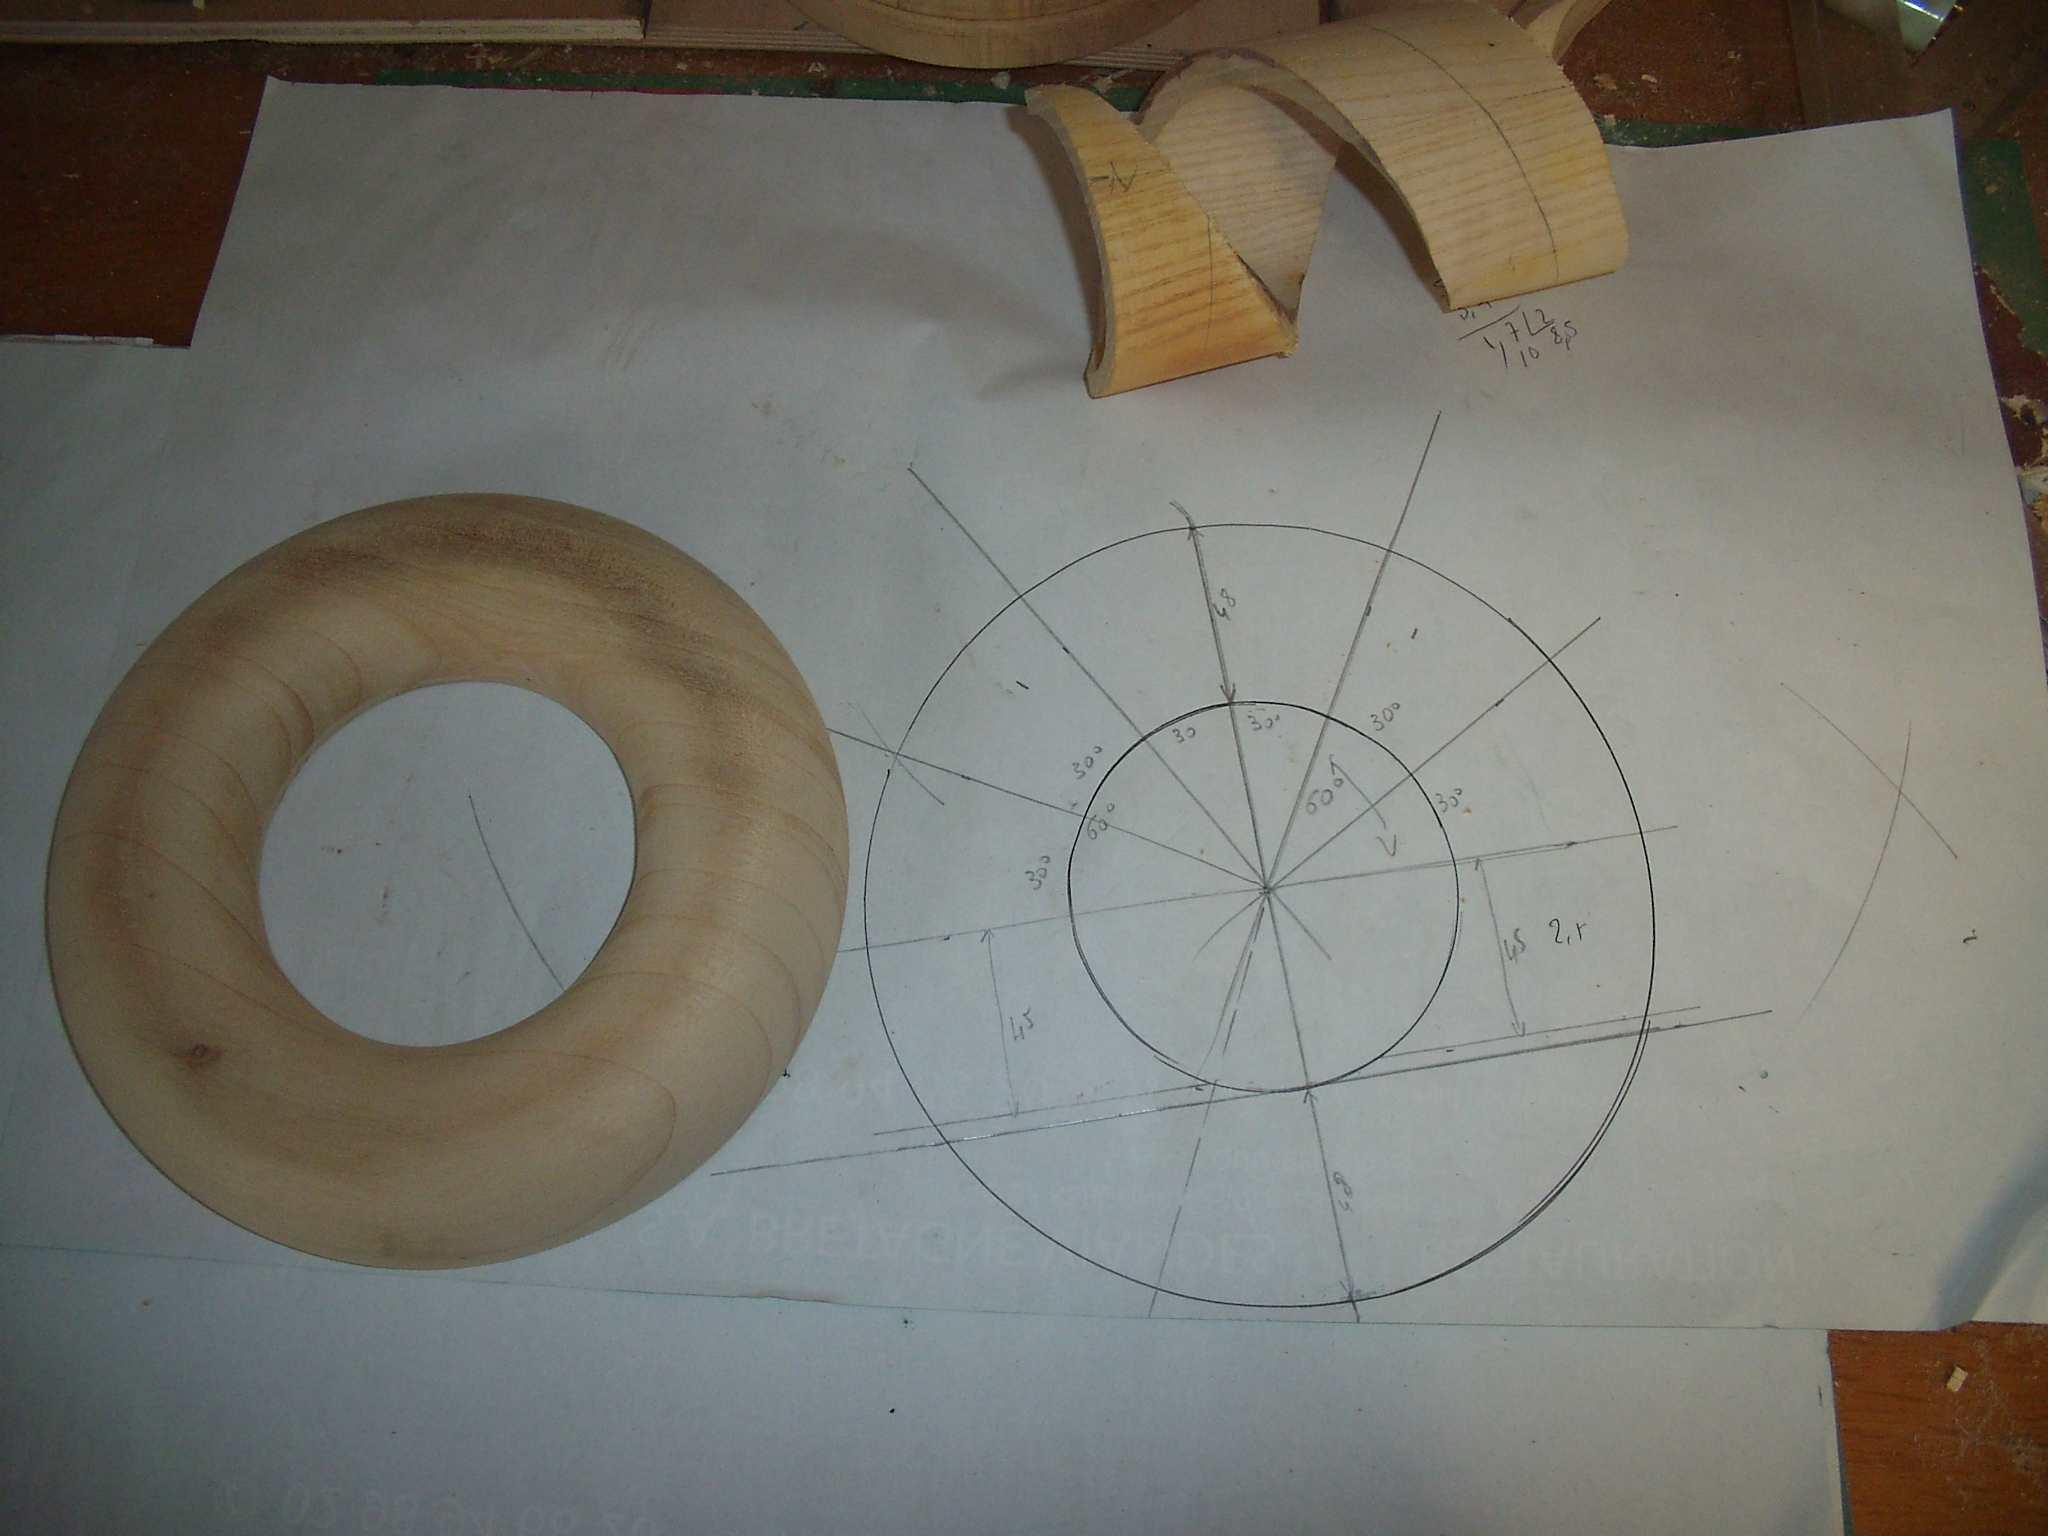 une technique de tournage sur bois tournage sur bois. Black Bedroom Furniture Sets. Home Design Ideas